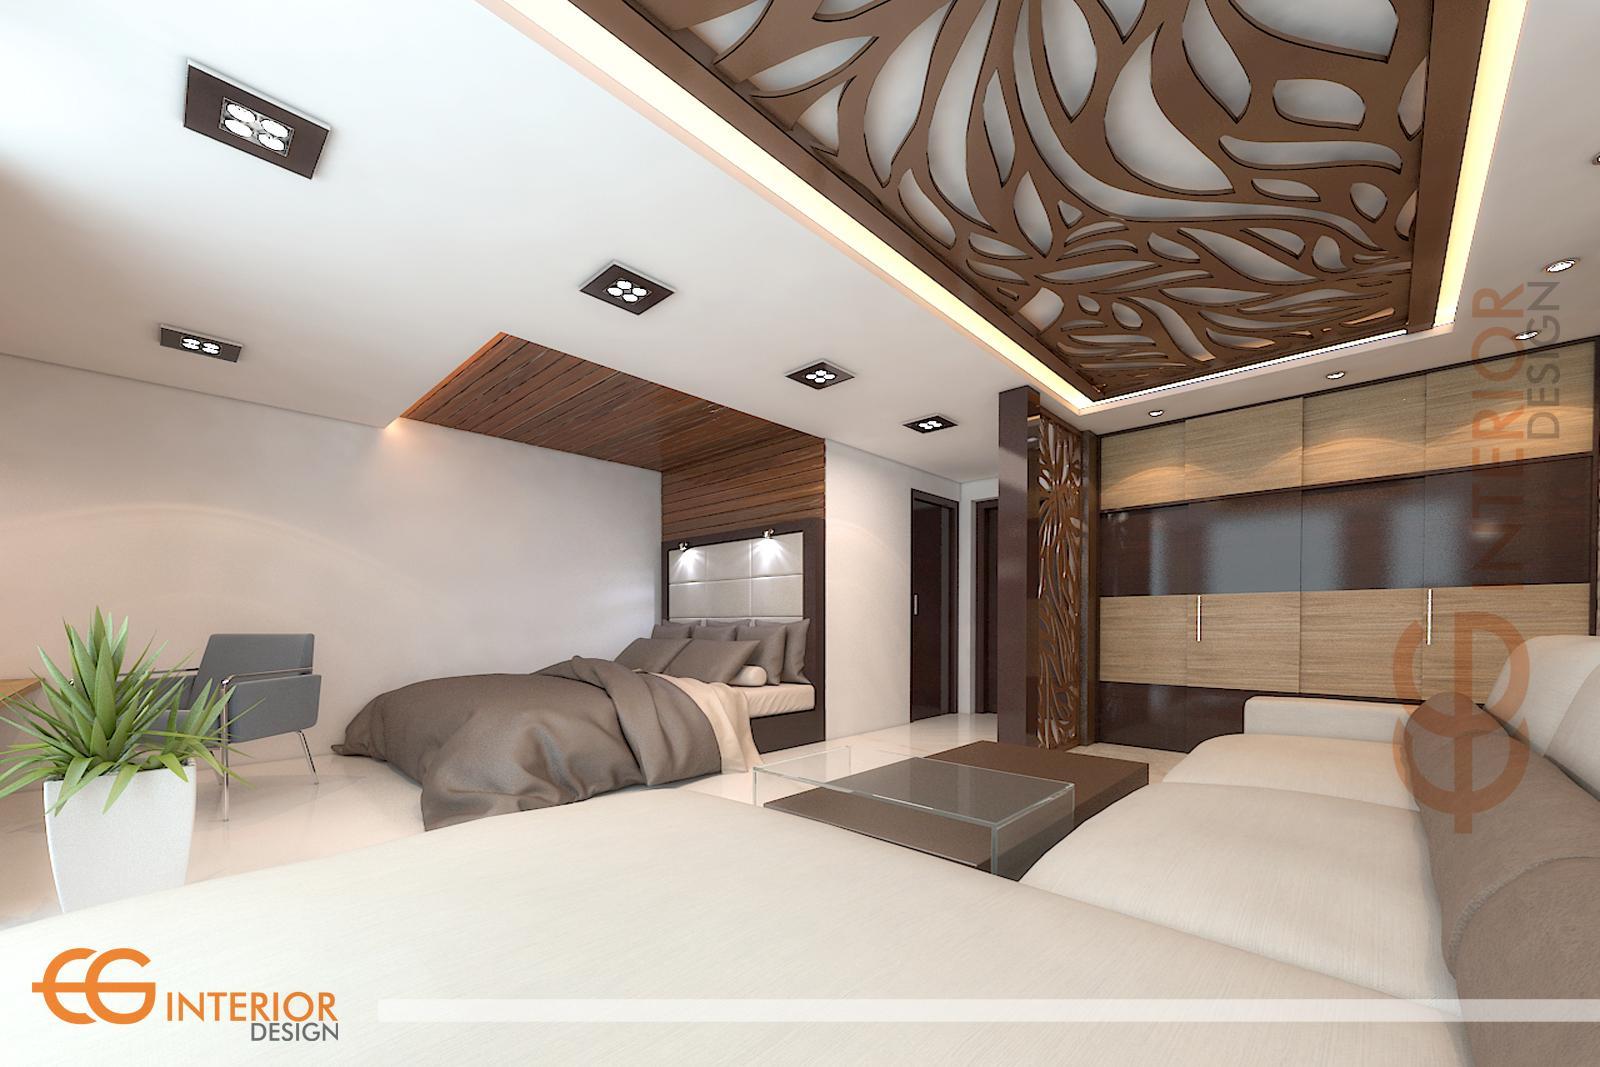 Bed Room Design In kota